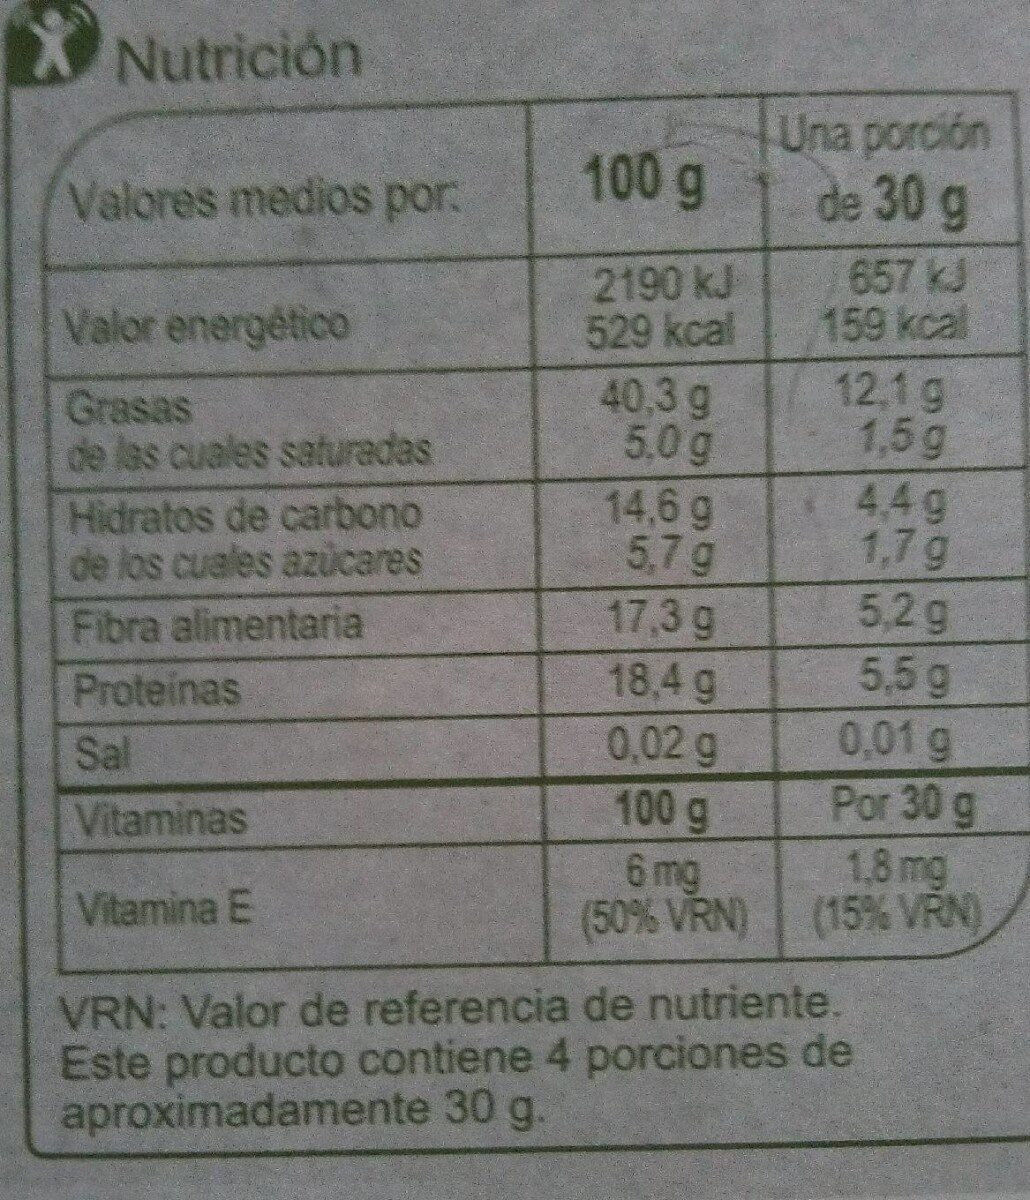 Barrita con cacahuetes, avellana, almedra y semillas - Nutrition facts - es